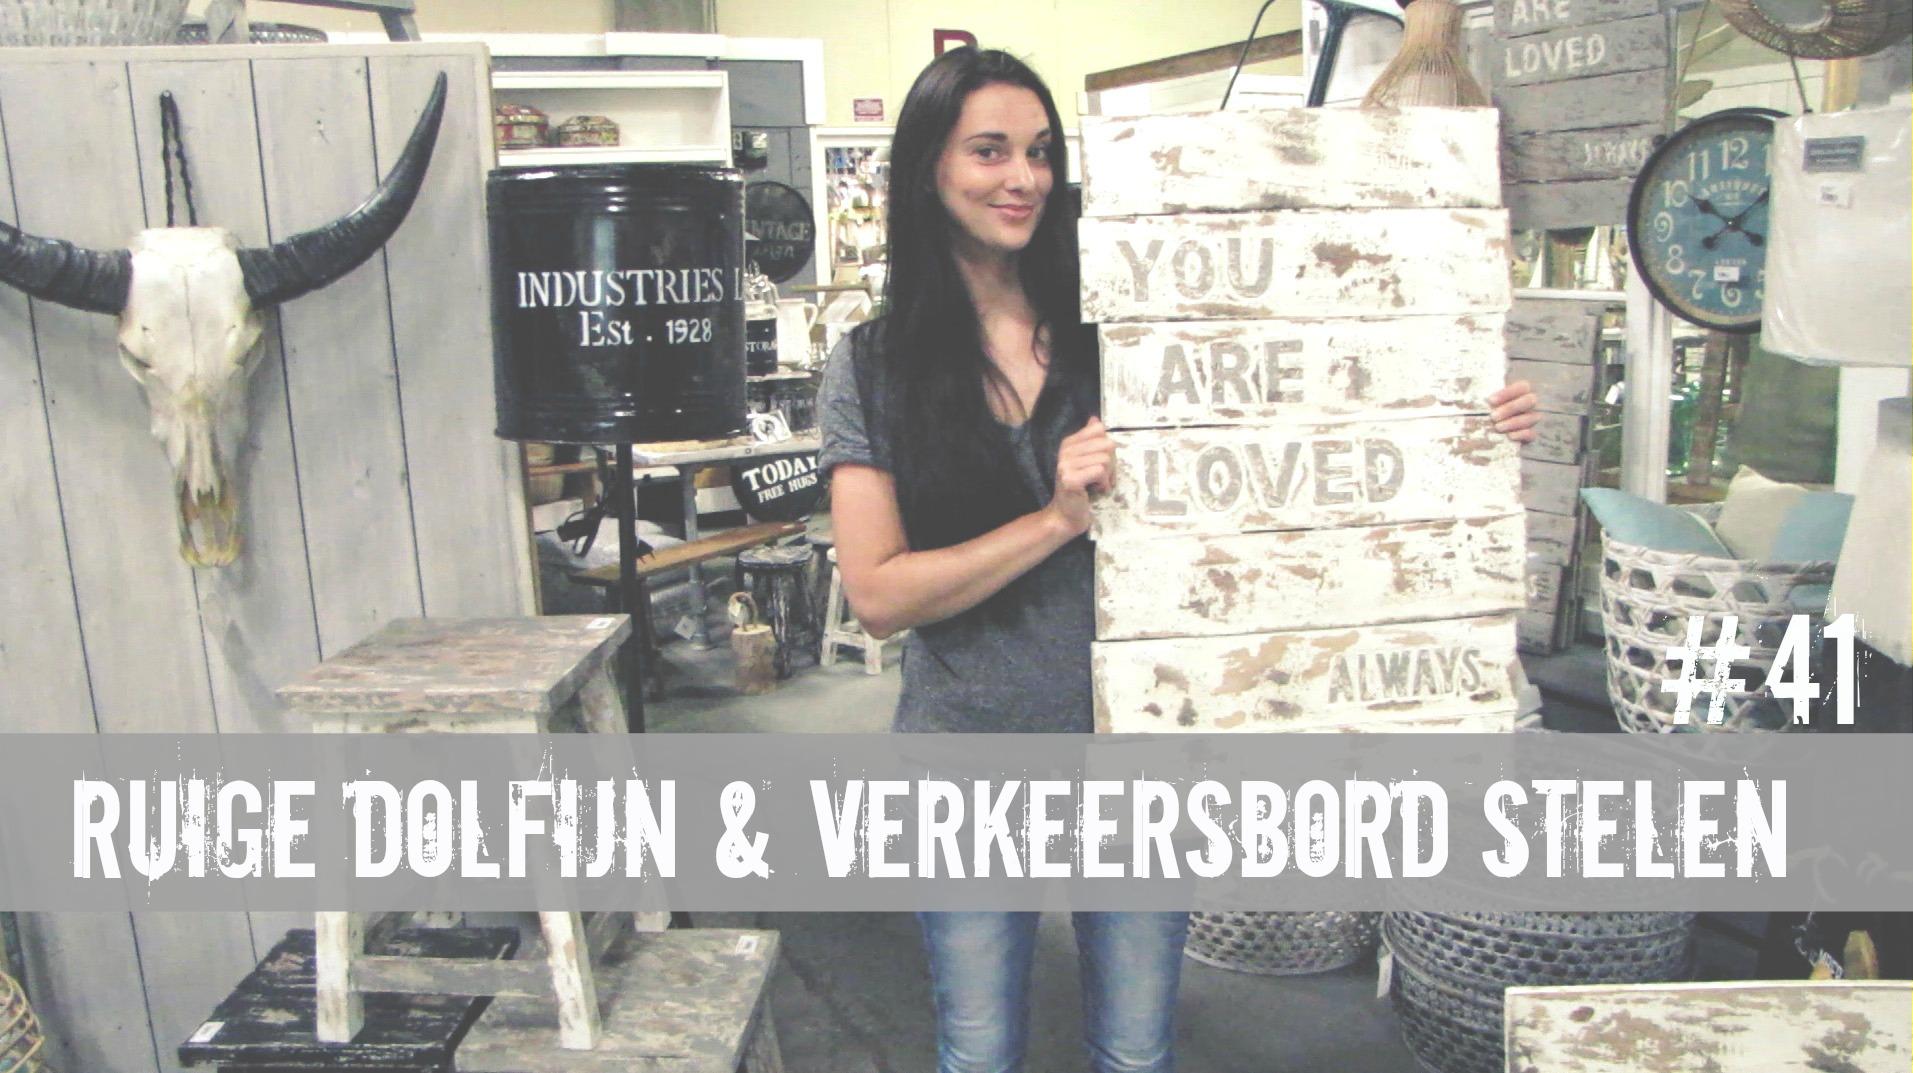 Ruige Dolfijn & Verkeersbord Stelen | IKVROUWVANJOU.NL